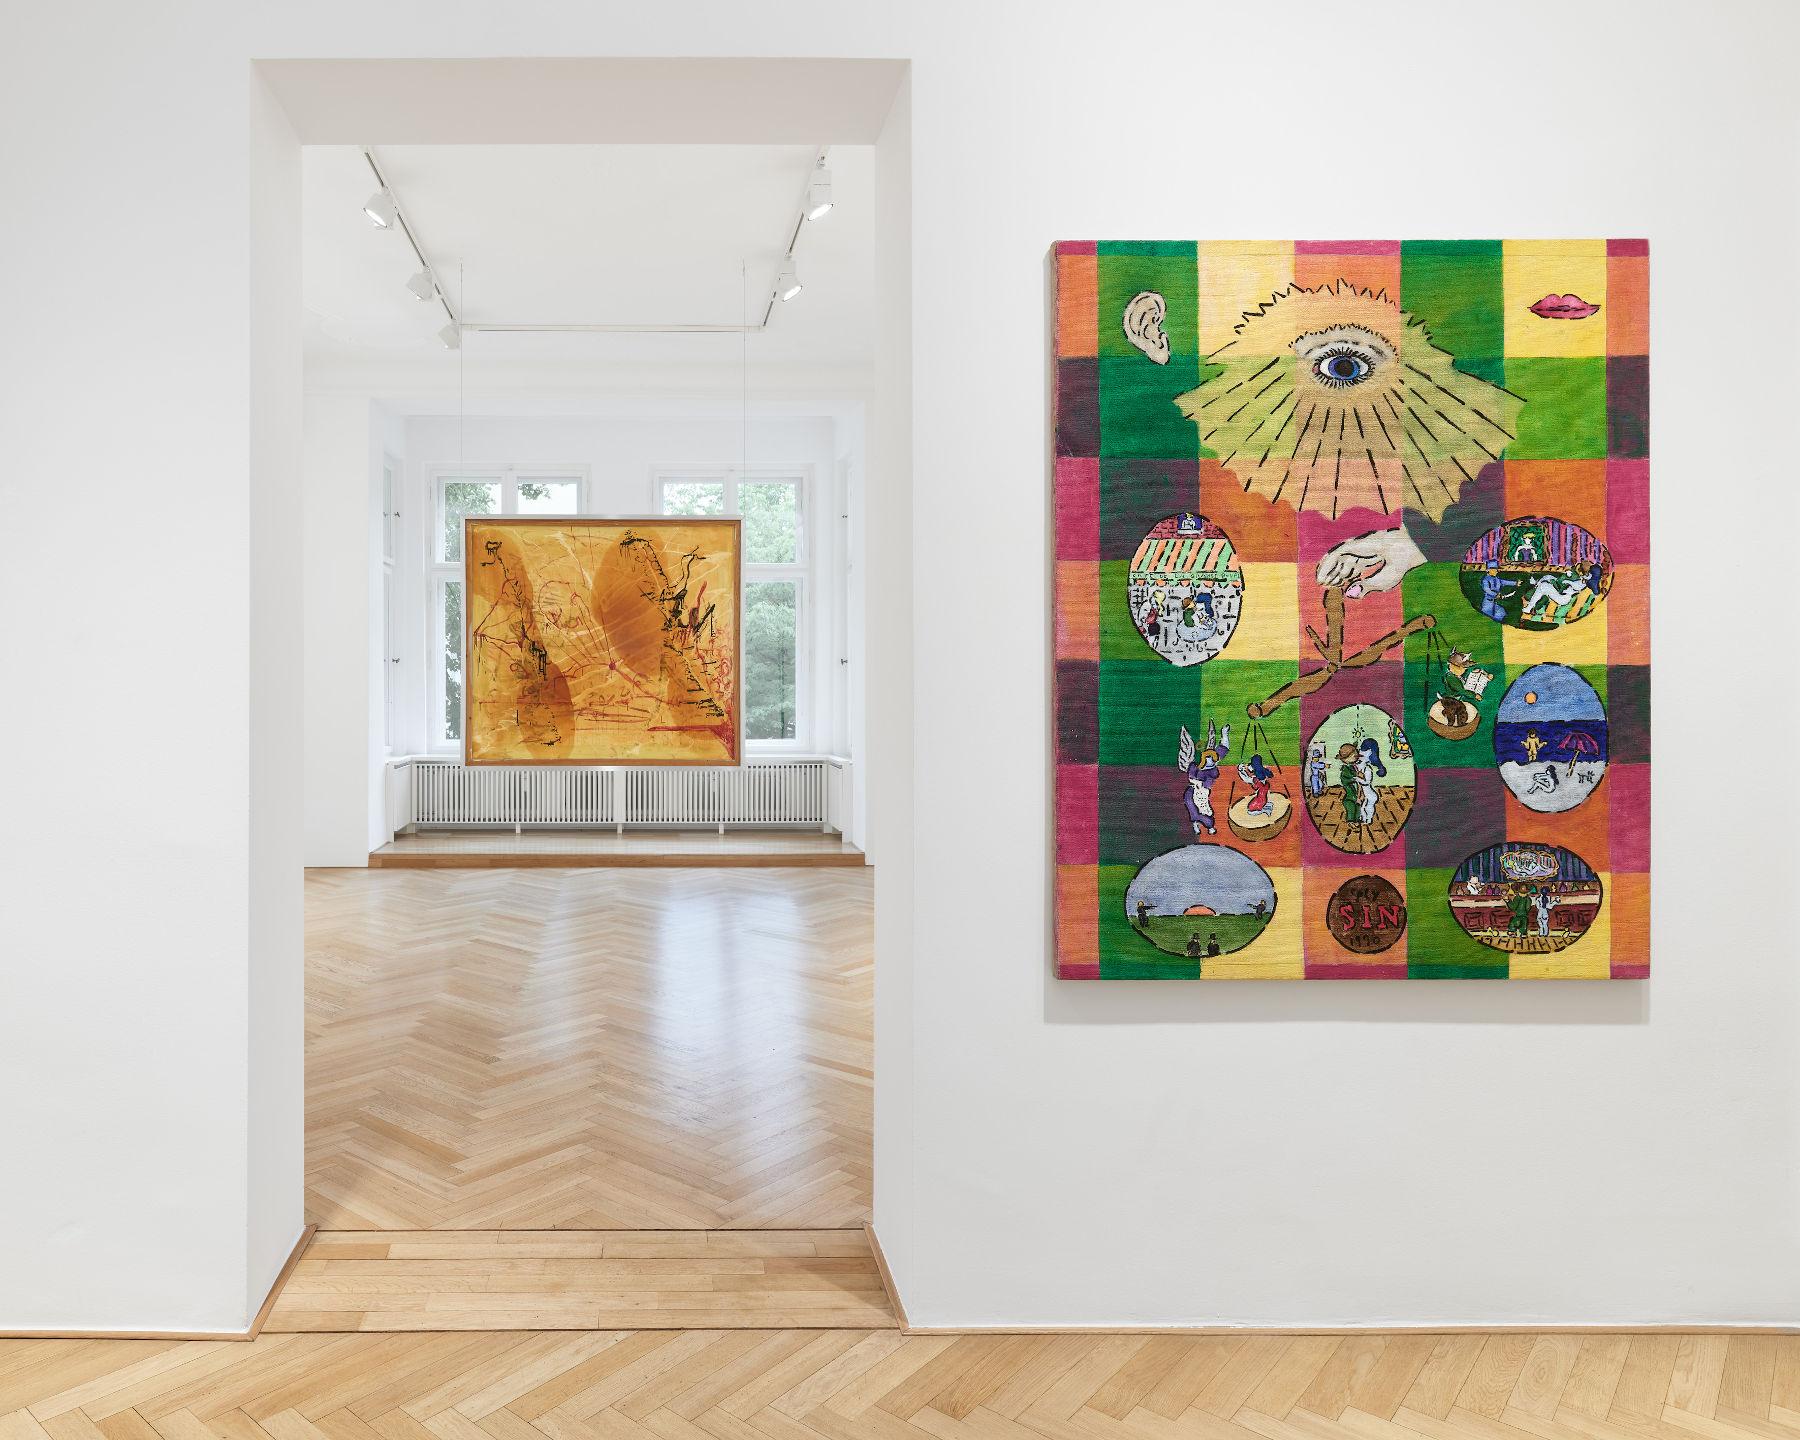 Galerie Max Hetzler Berlin Summer Show 1